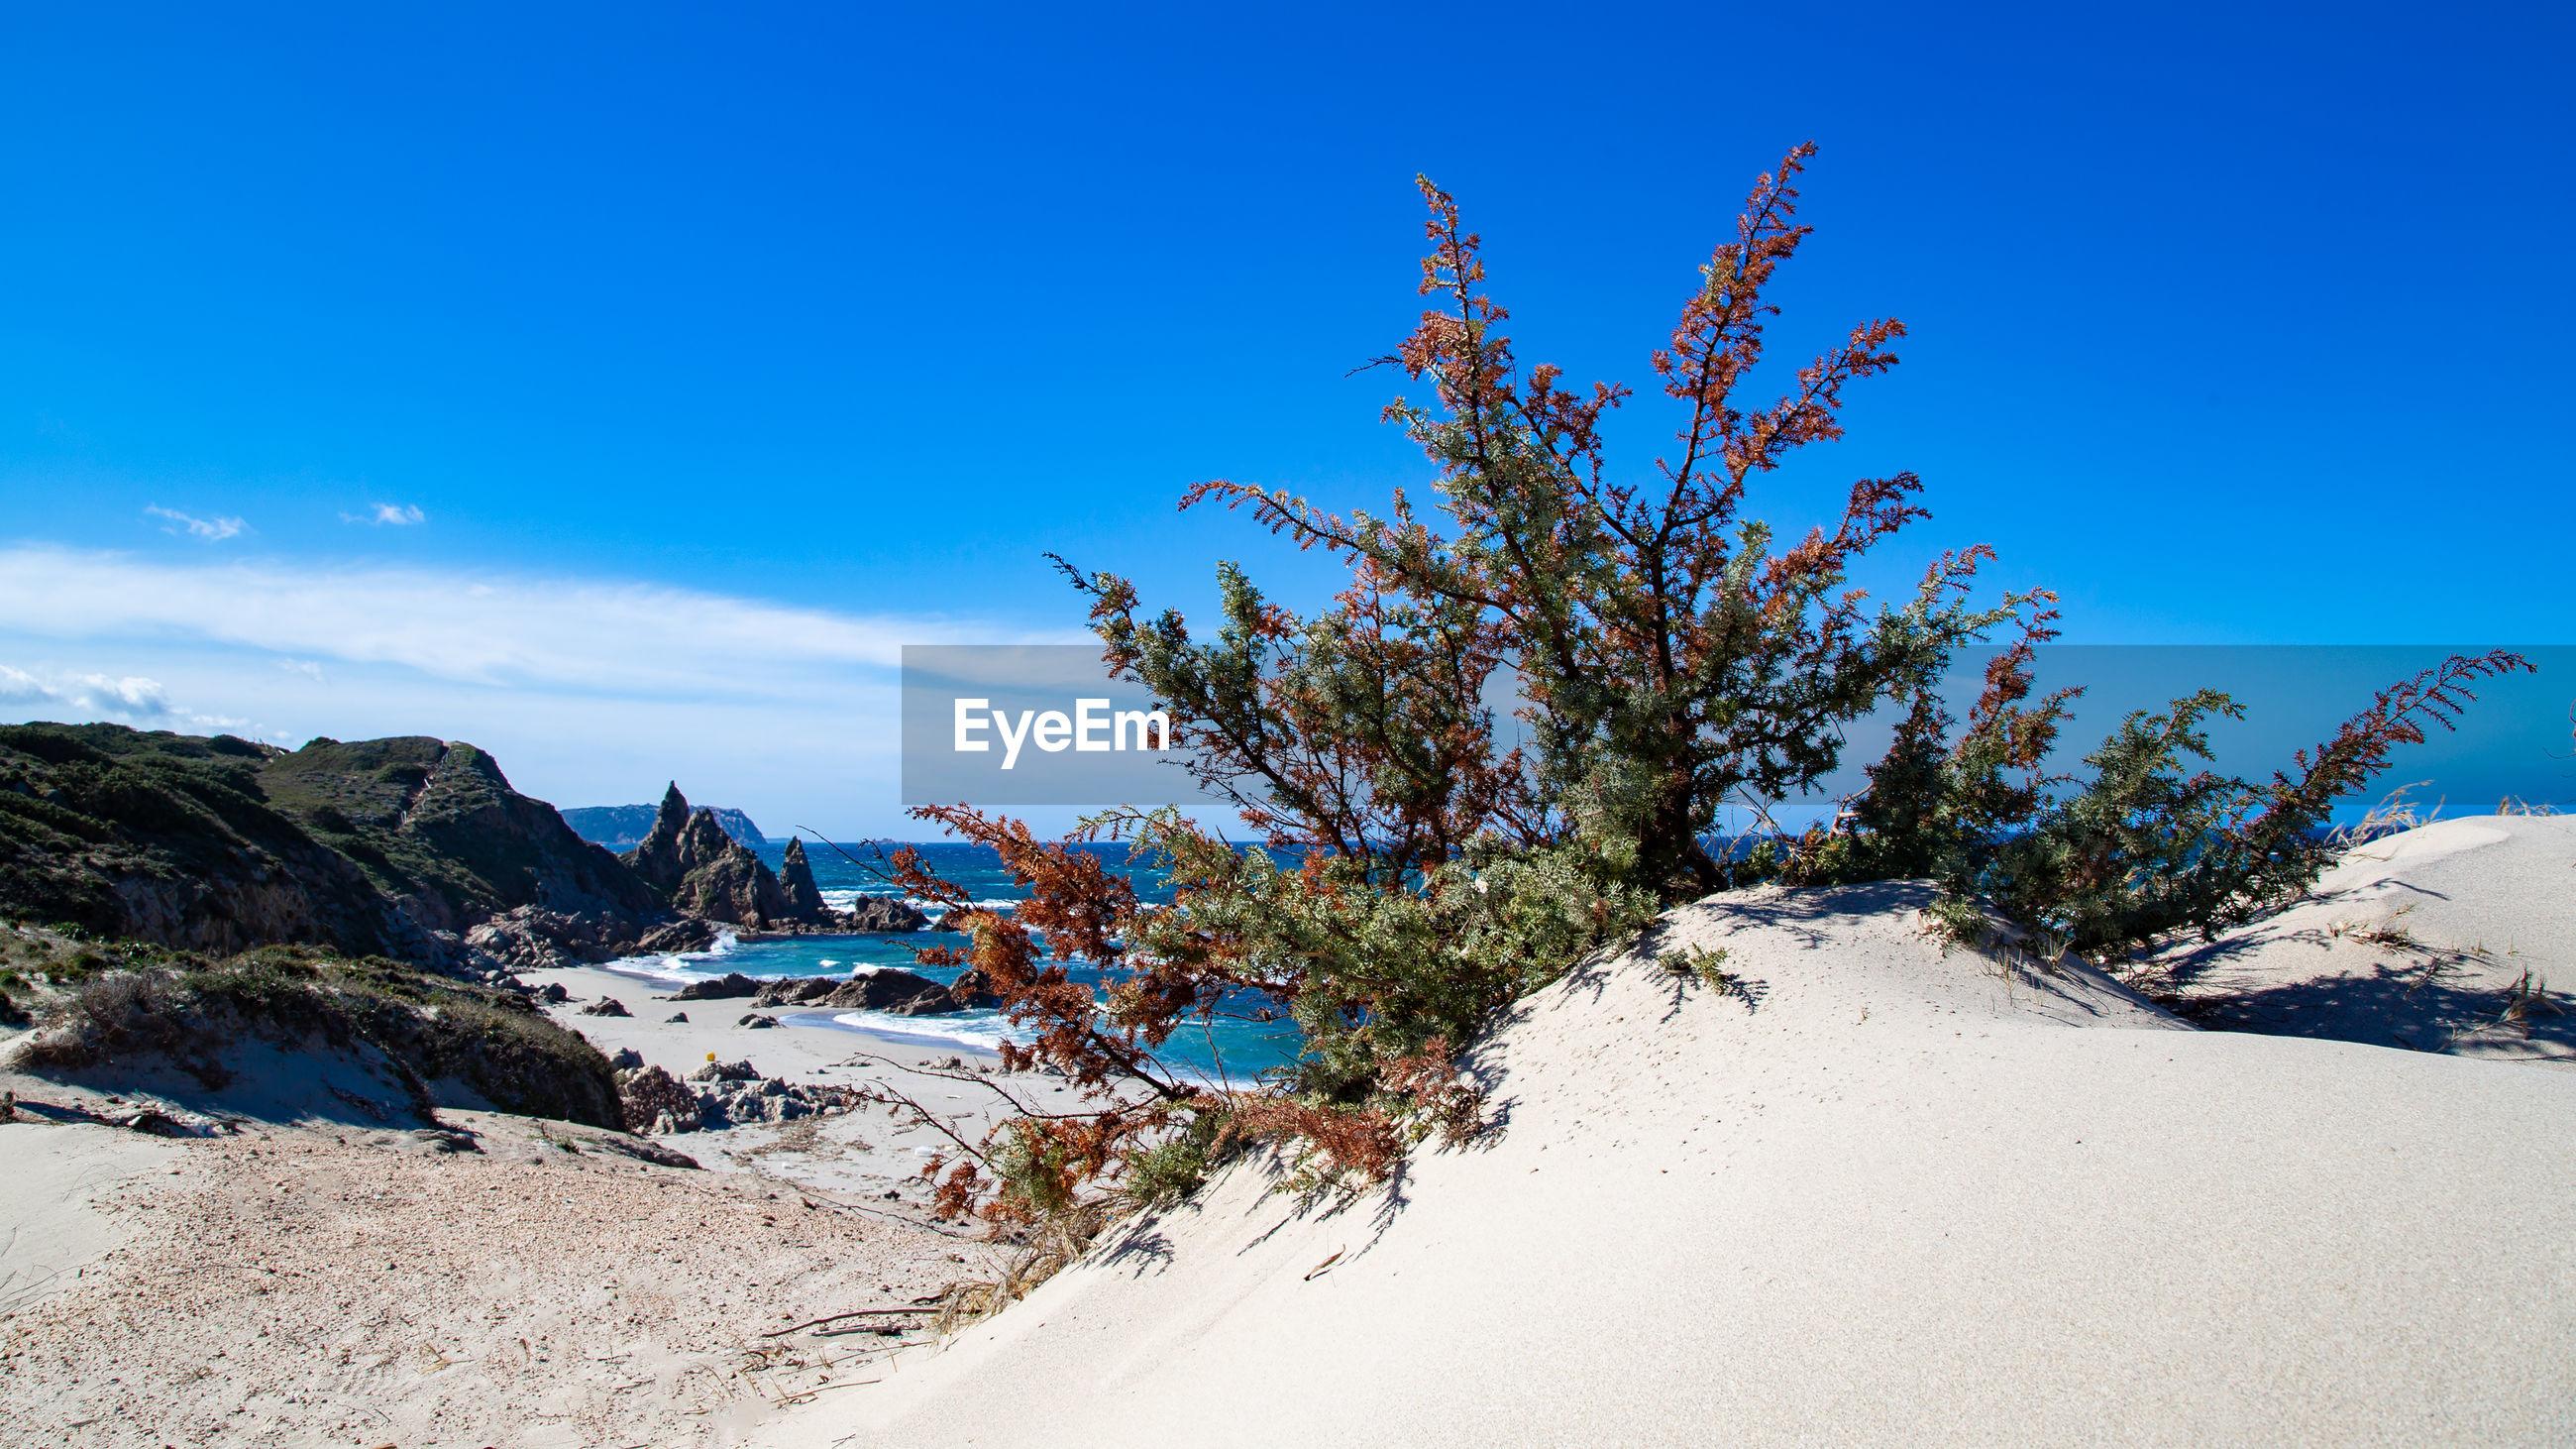 PLANTS ON BEACH AGAINST BLUE SKY